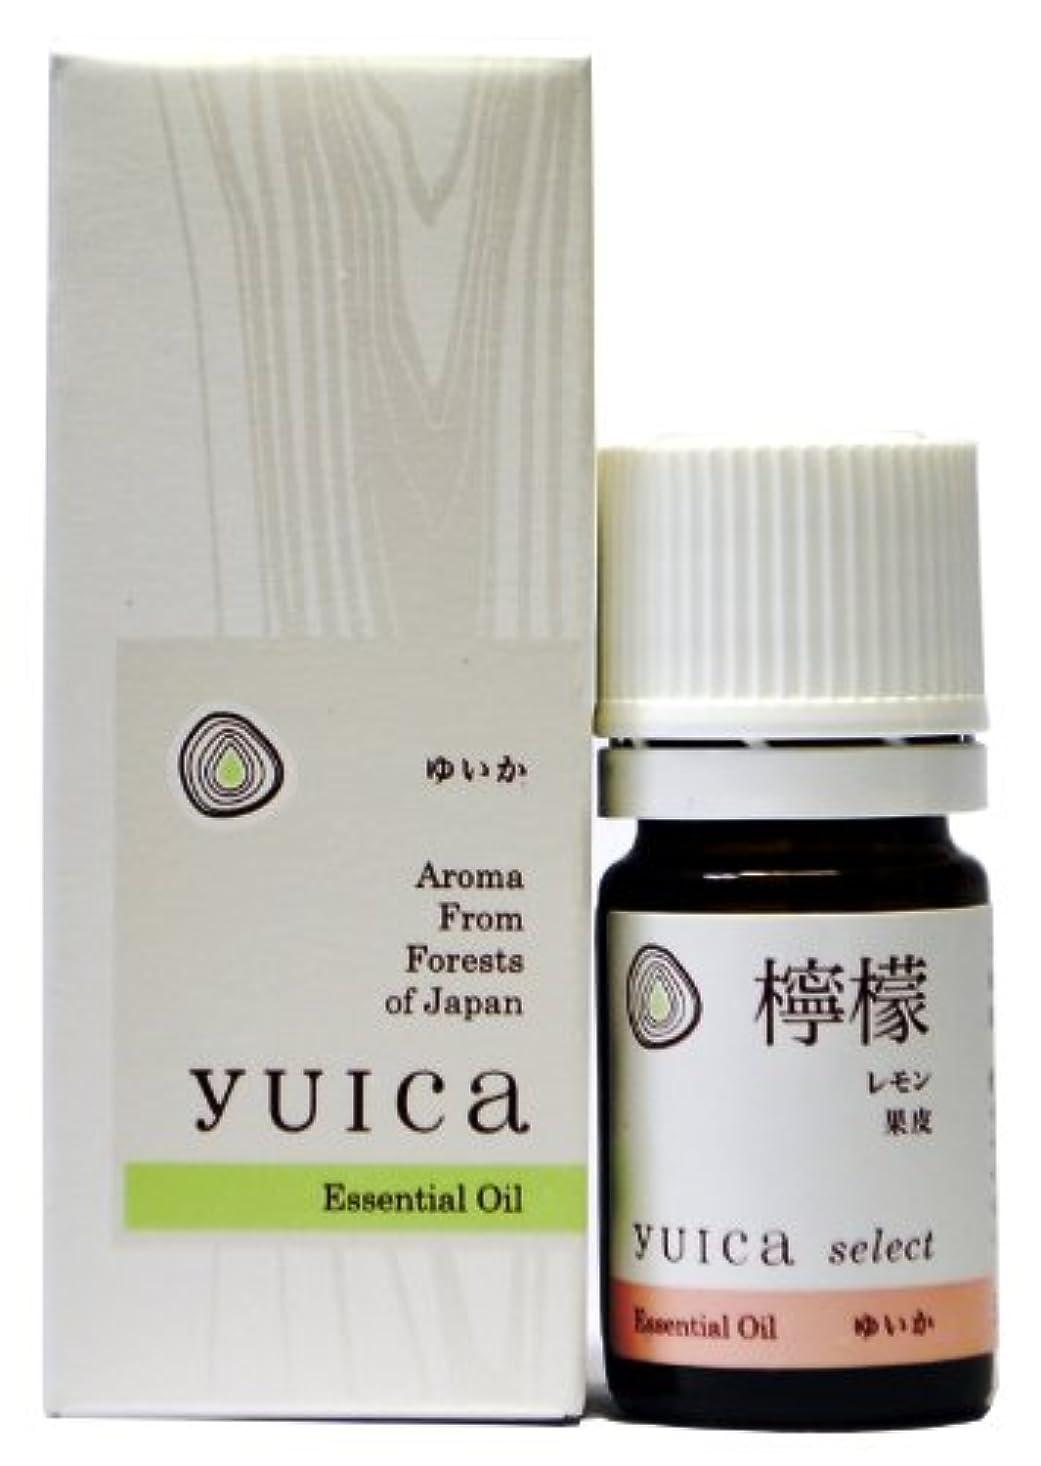 チャットお勧めゲージyuica select エッセンシャルオイル レモン(果皮部) 5mL